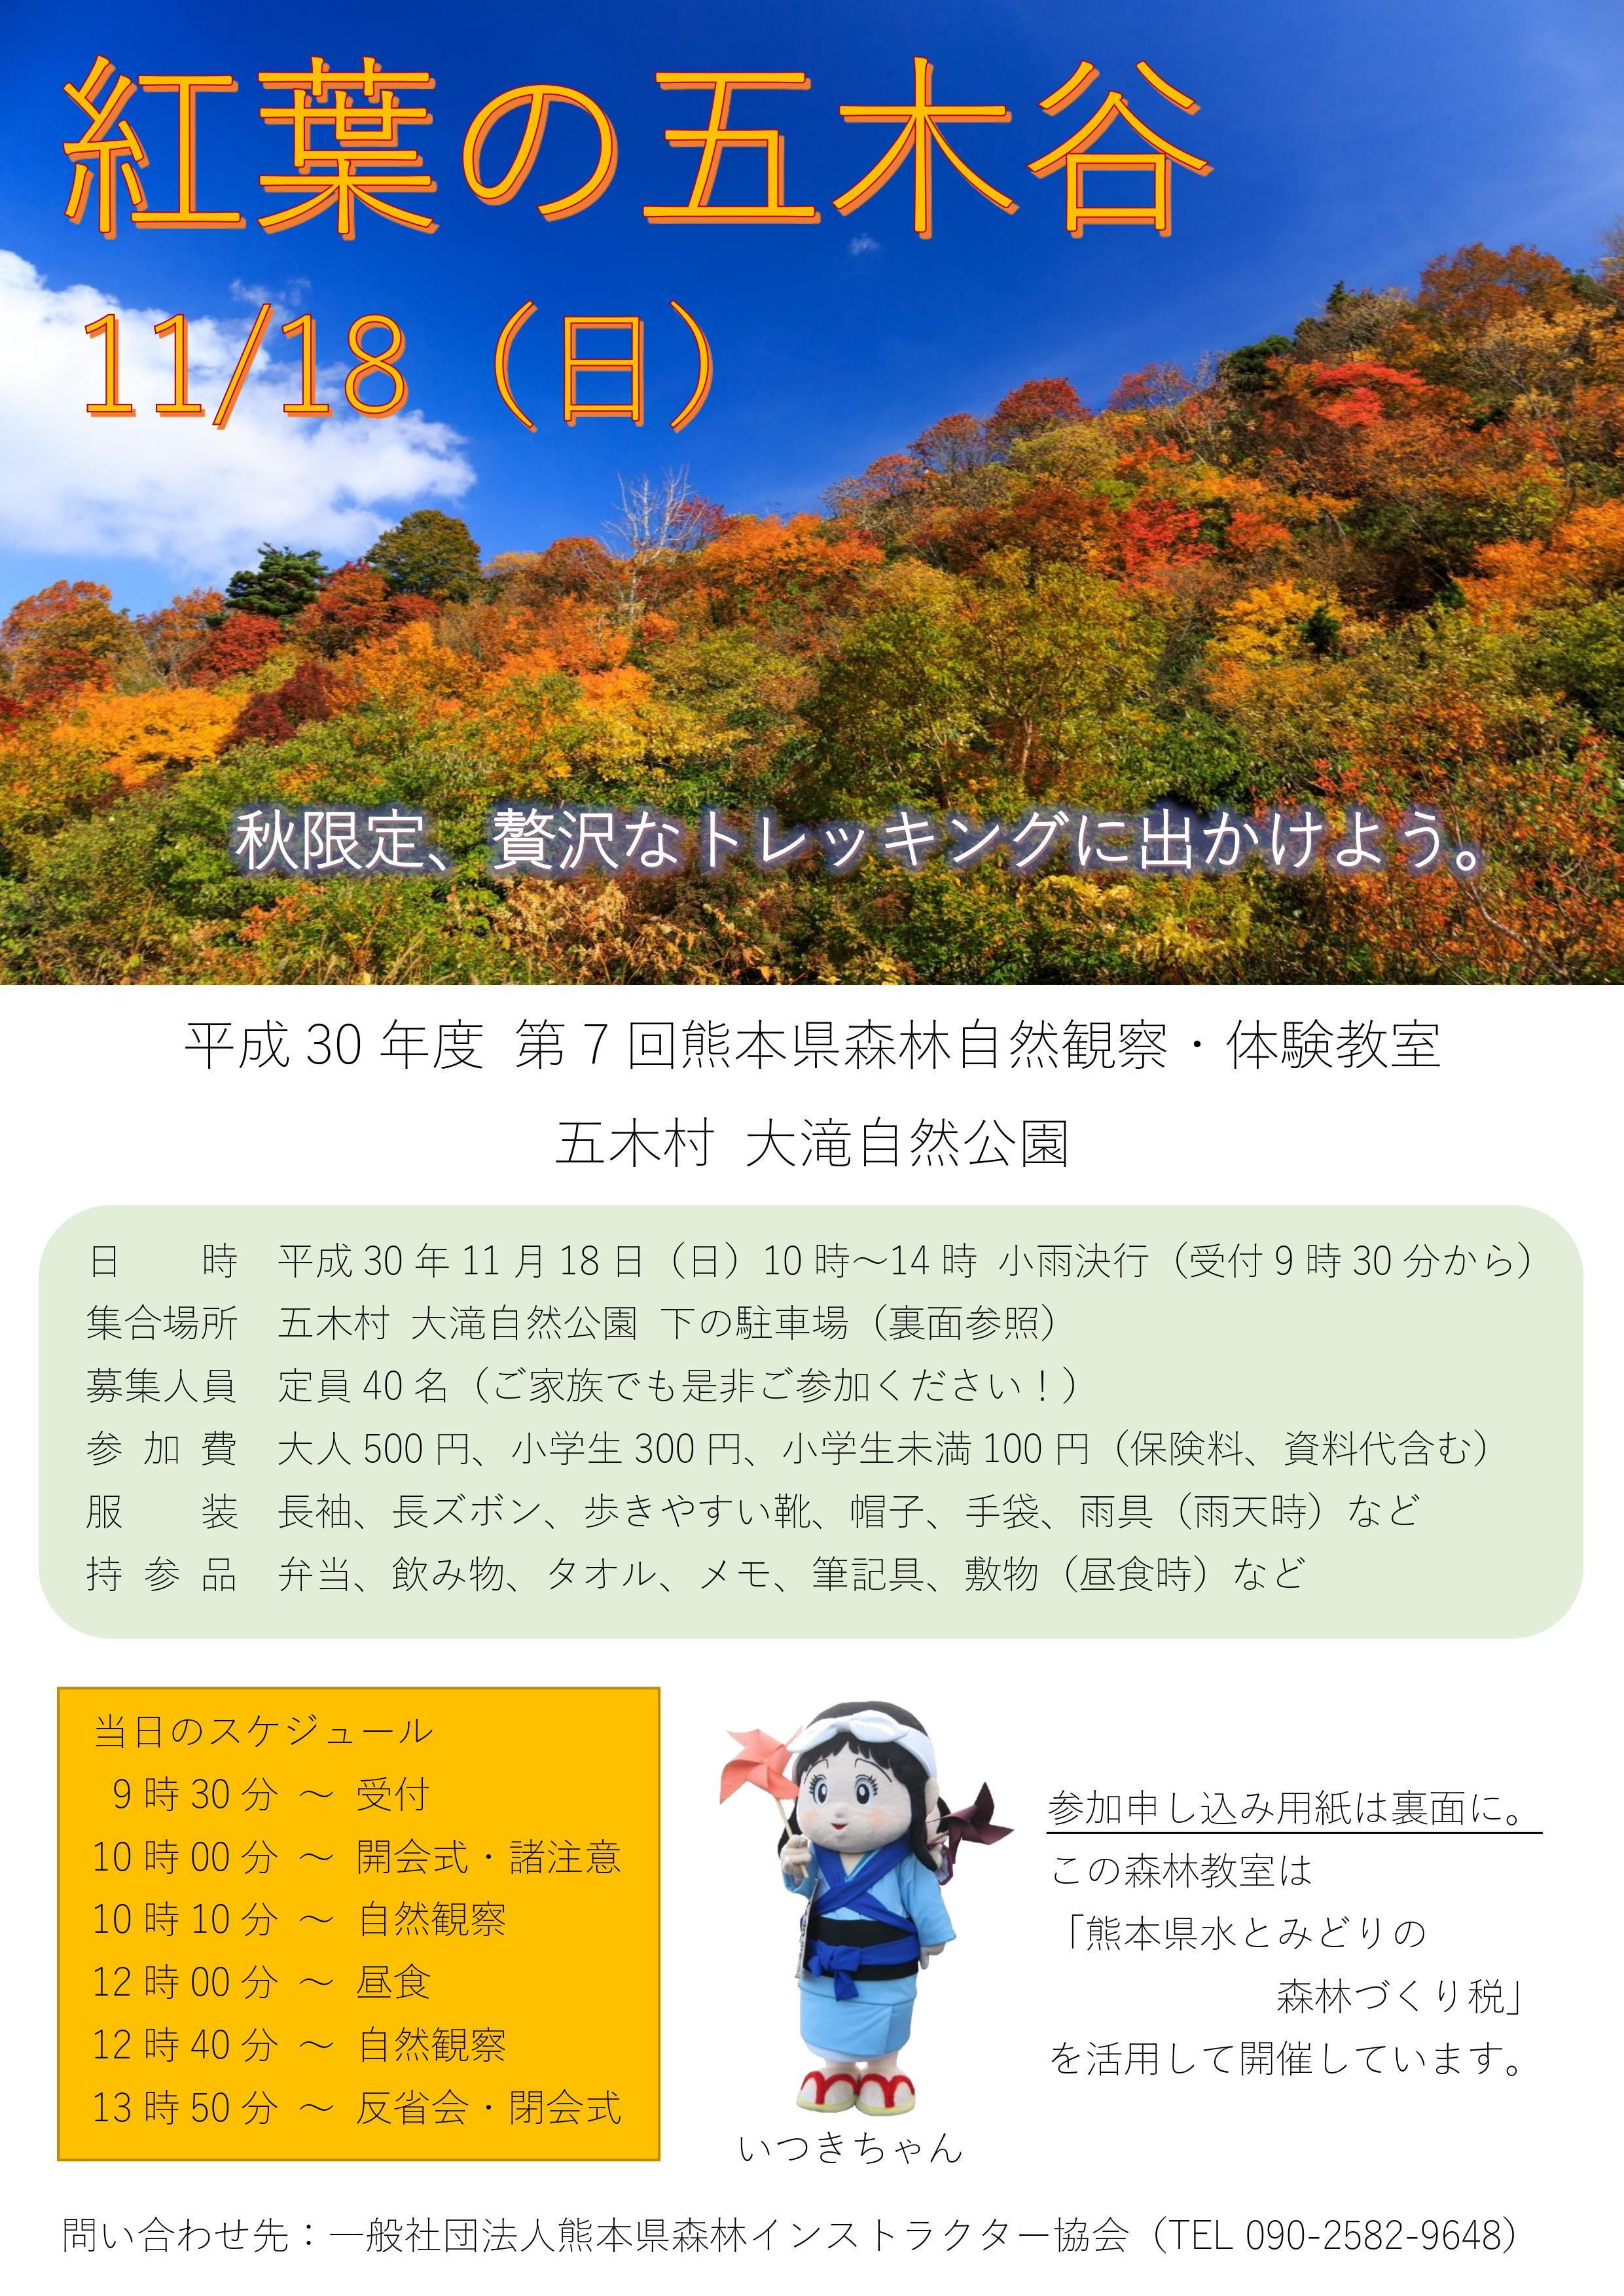 大滝自然公園